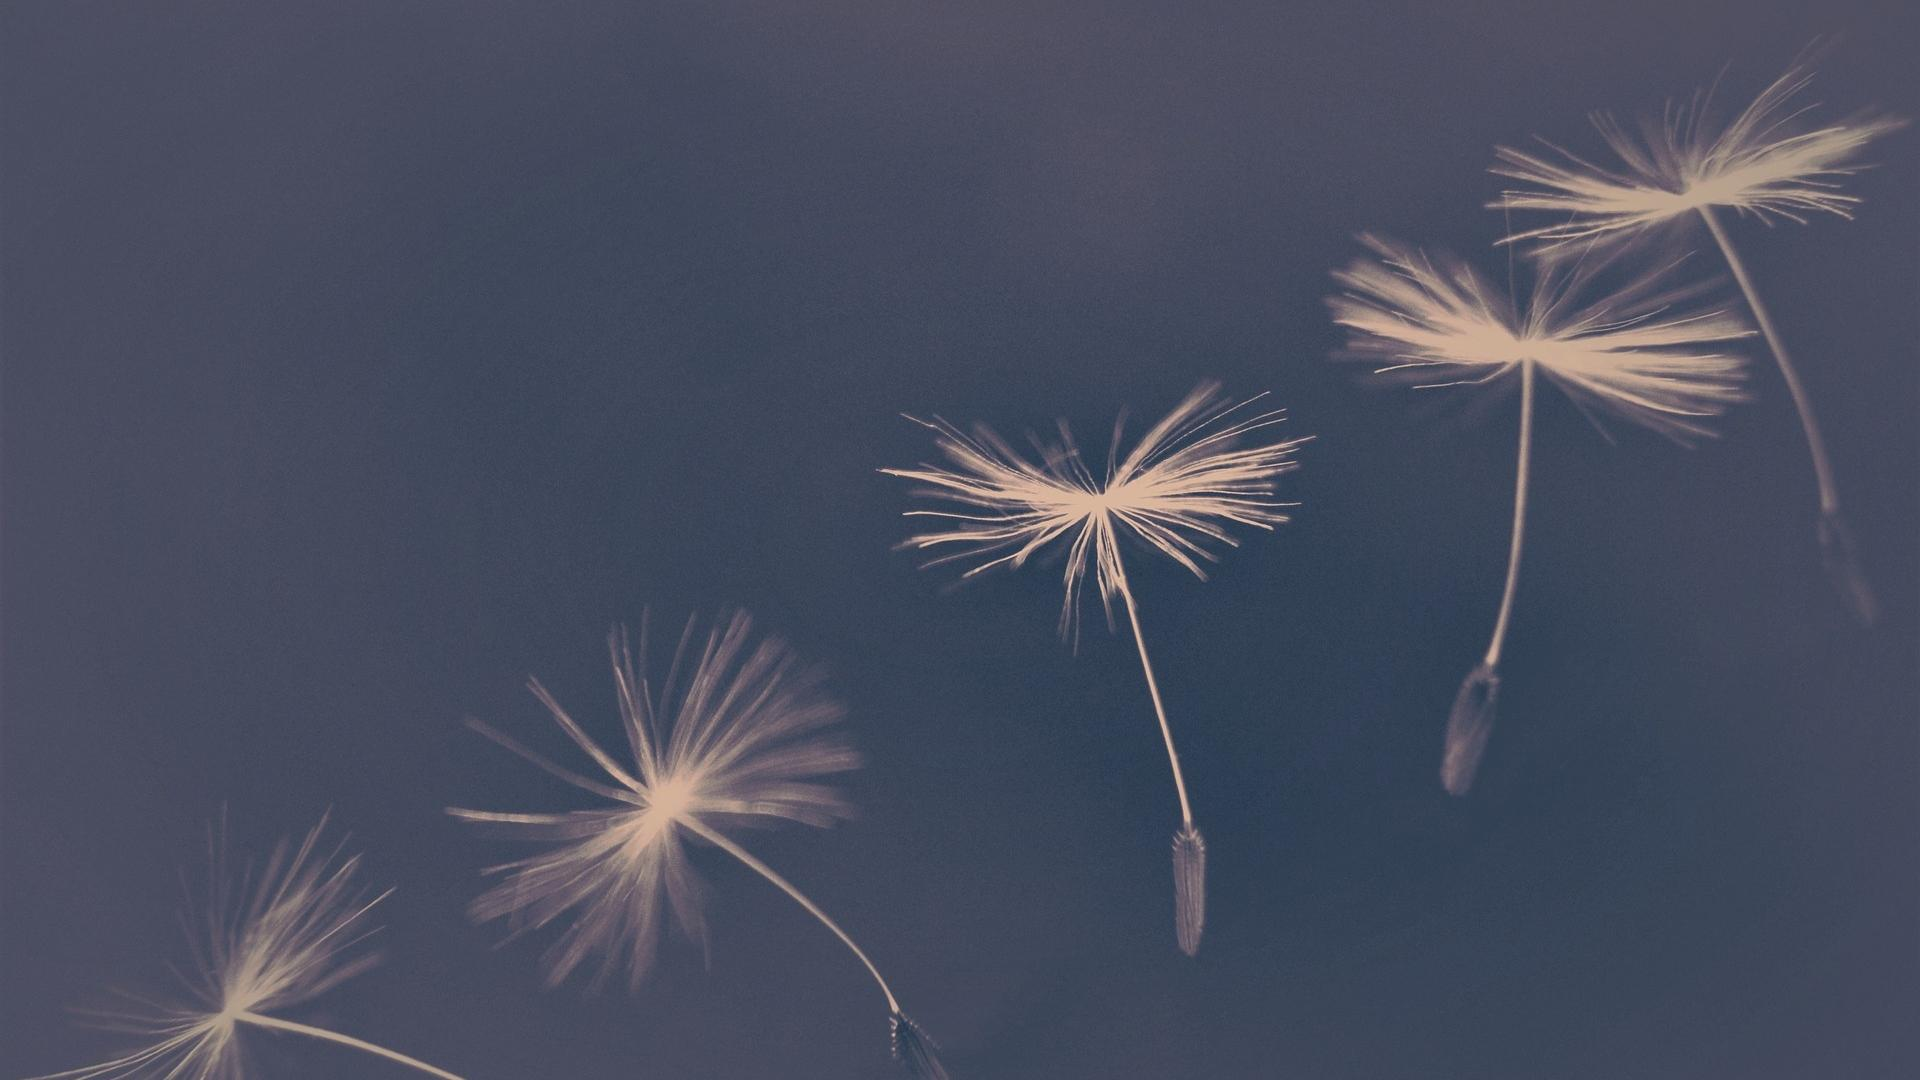 Hình nền hoa bồ công anh bay trong gió